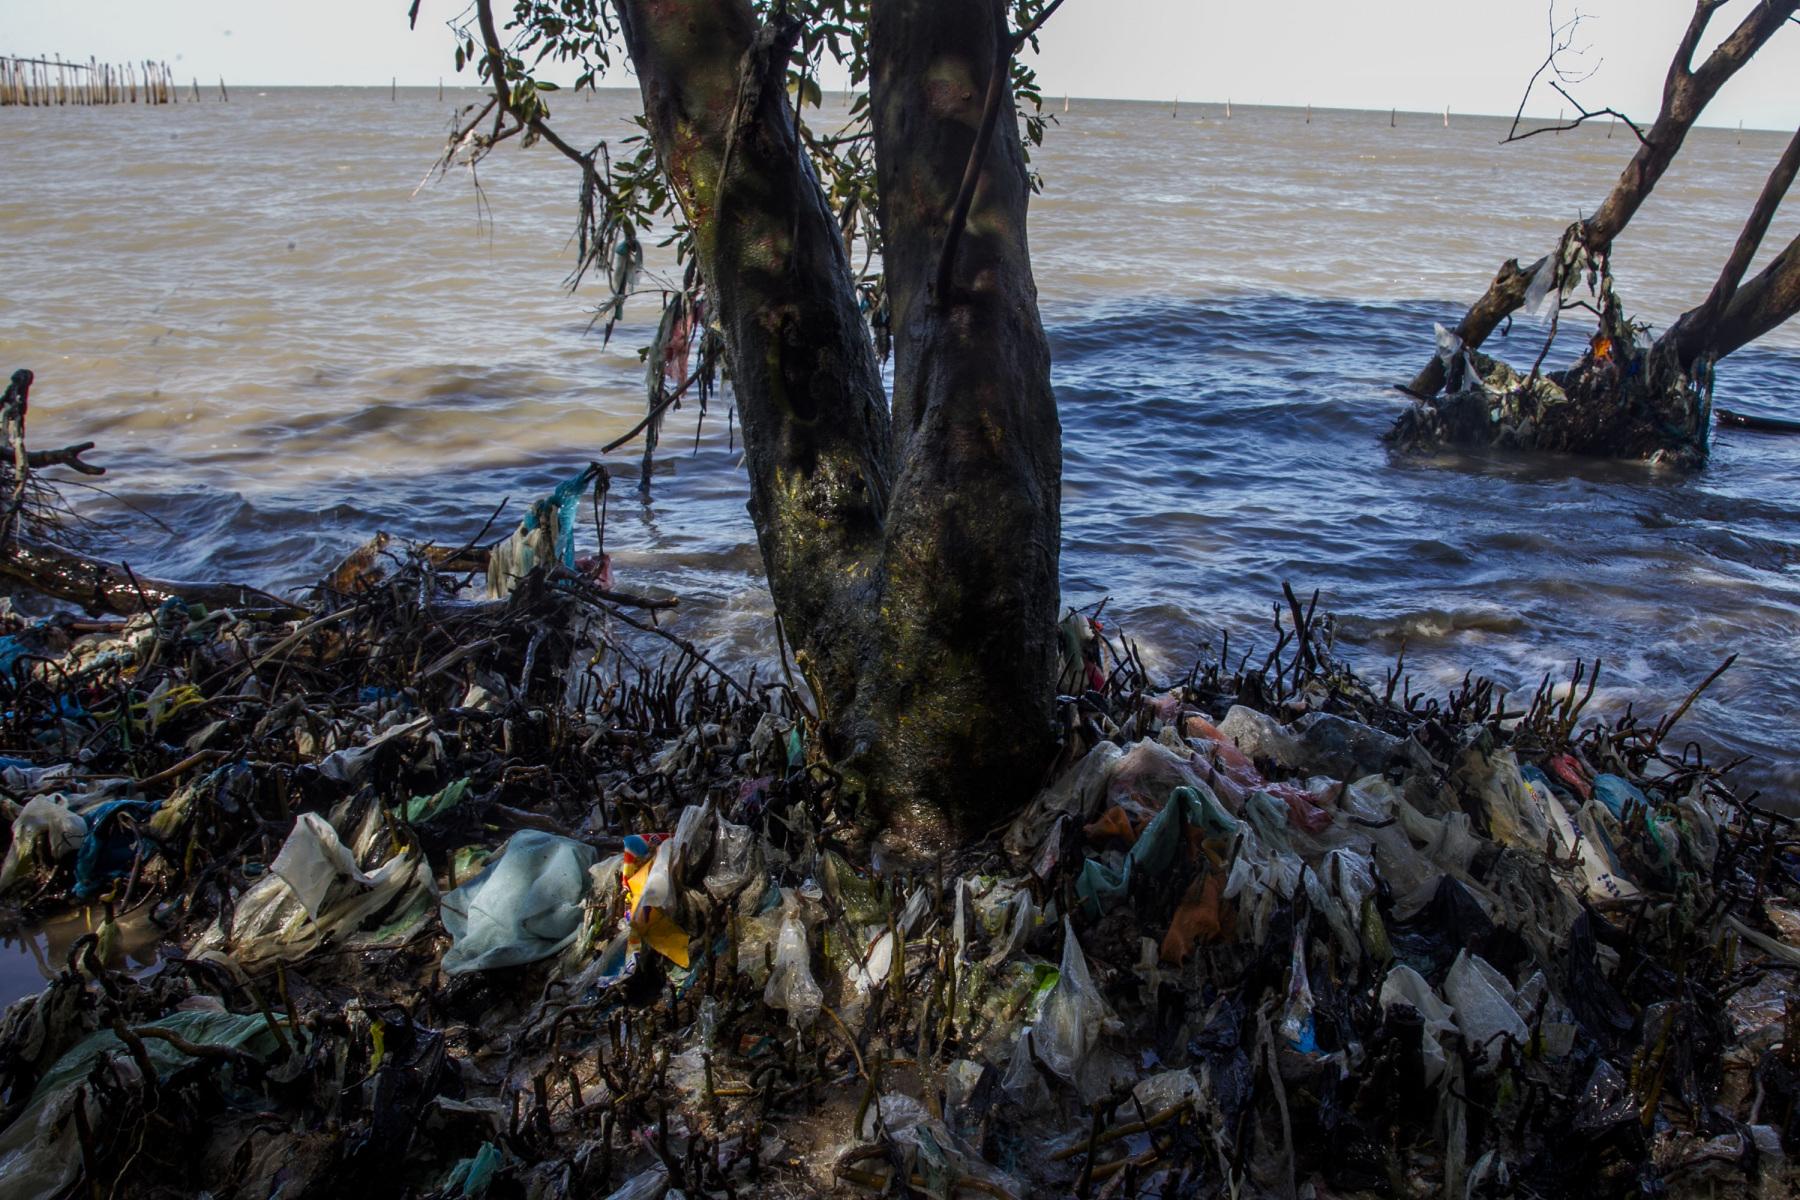 Para peneliti menghitung rata-rata 27 buah plastik per meter persegi, sebagian besar dari daerah setempat, menutup hingga 50% dari area bawah hutan mangrove. Sampel inti tanah menunjukkan bahwa plastik sering terjebak di lapisan sedimen atas, menyebabkan kondisi oksigen menjadi rendah yang berkepanjangan.